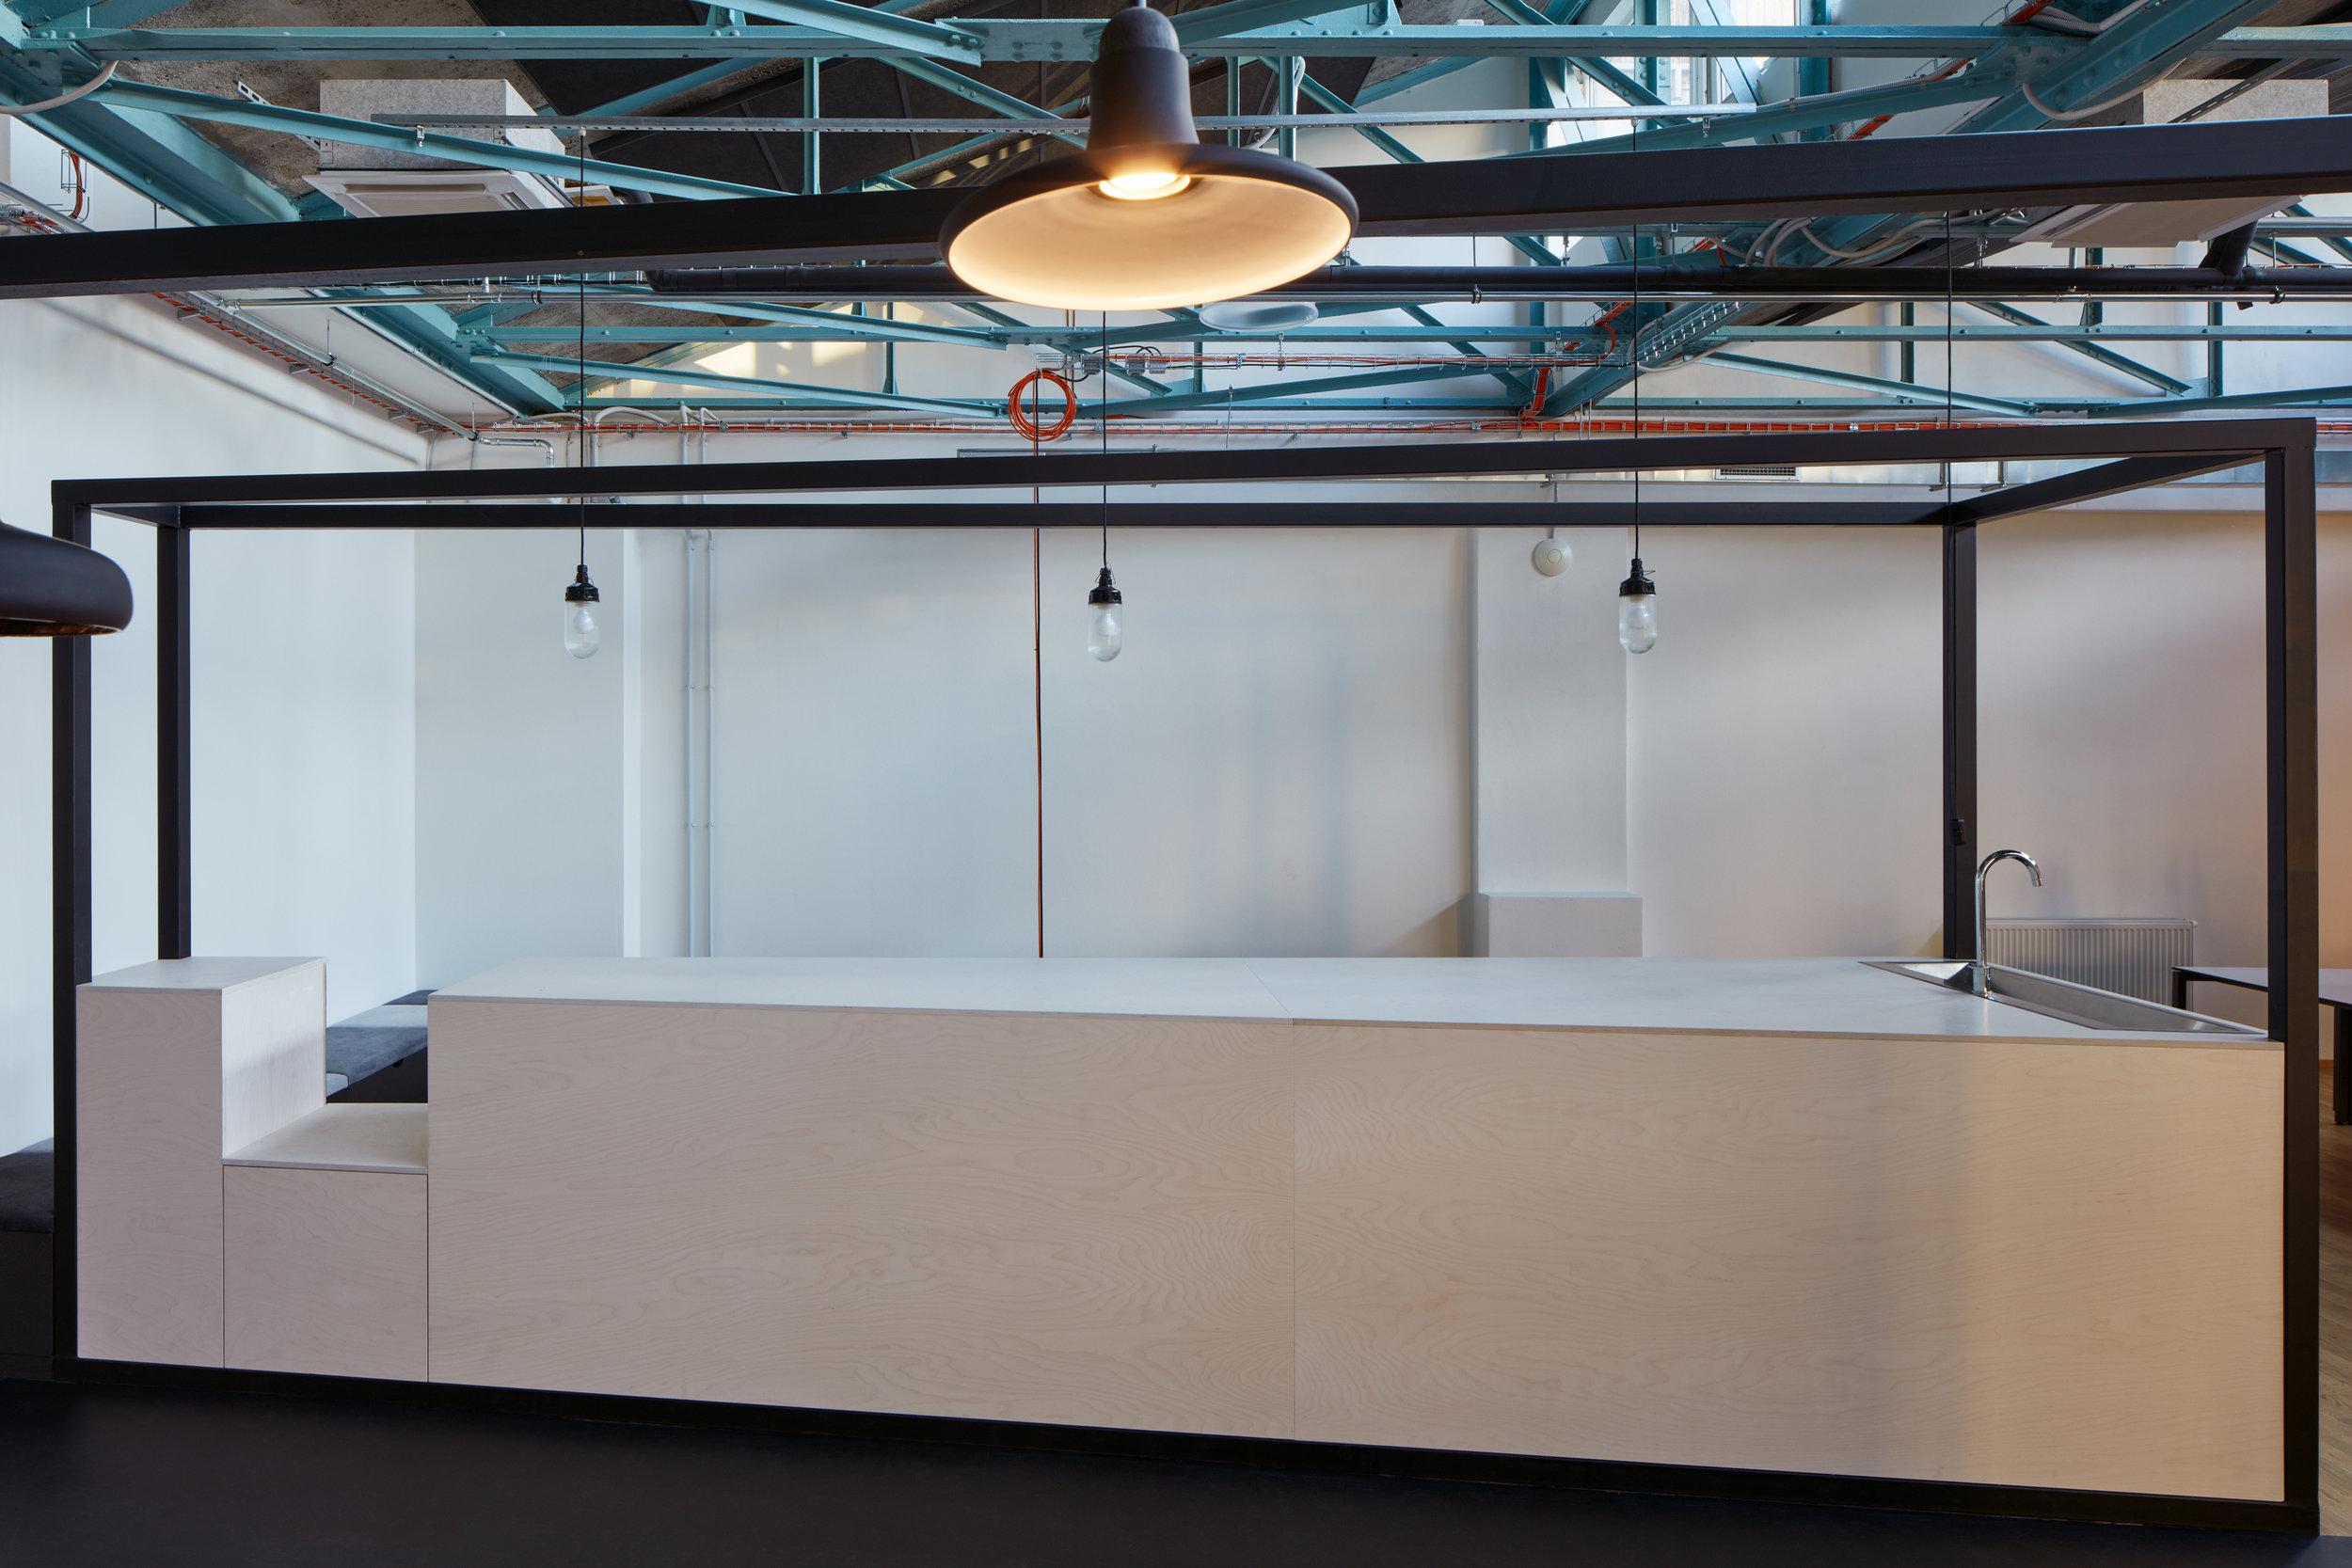 Kurz_architekti_SinnerSchrader_offices_BoysPlayNice_13.jpg